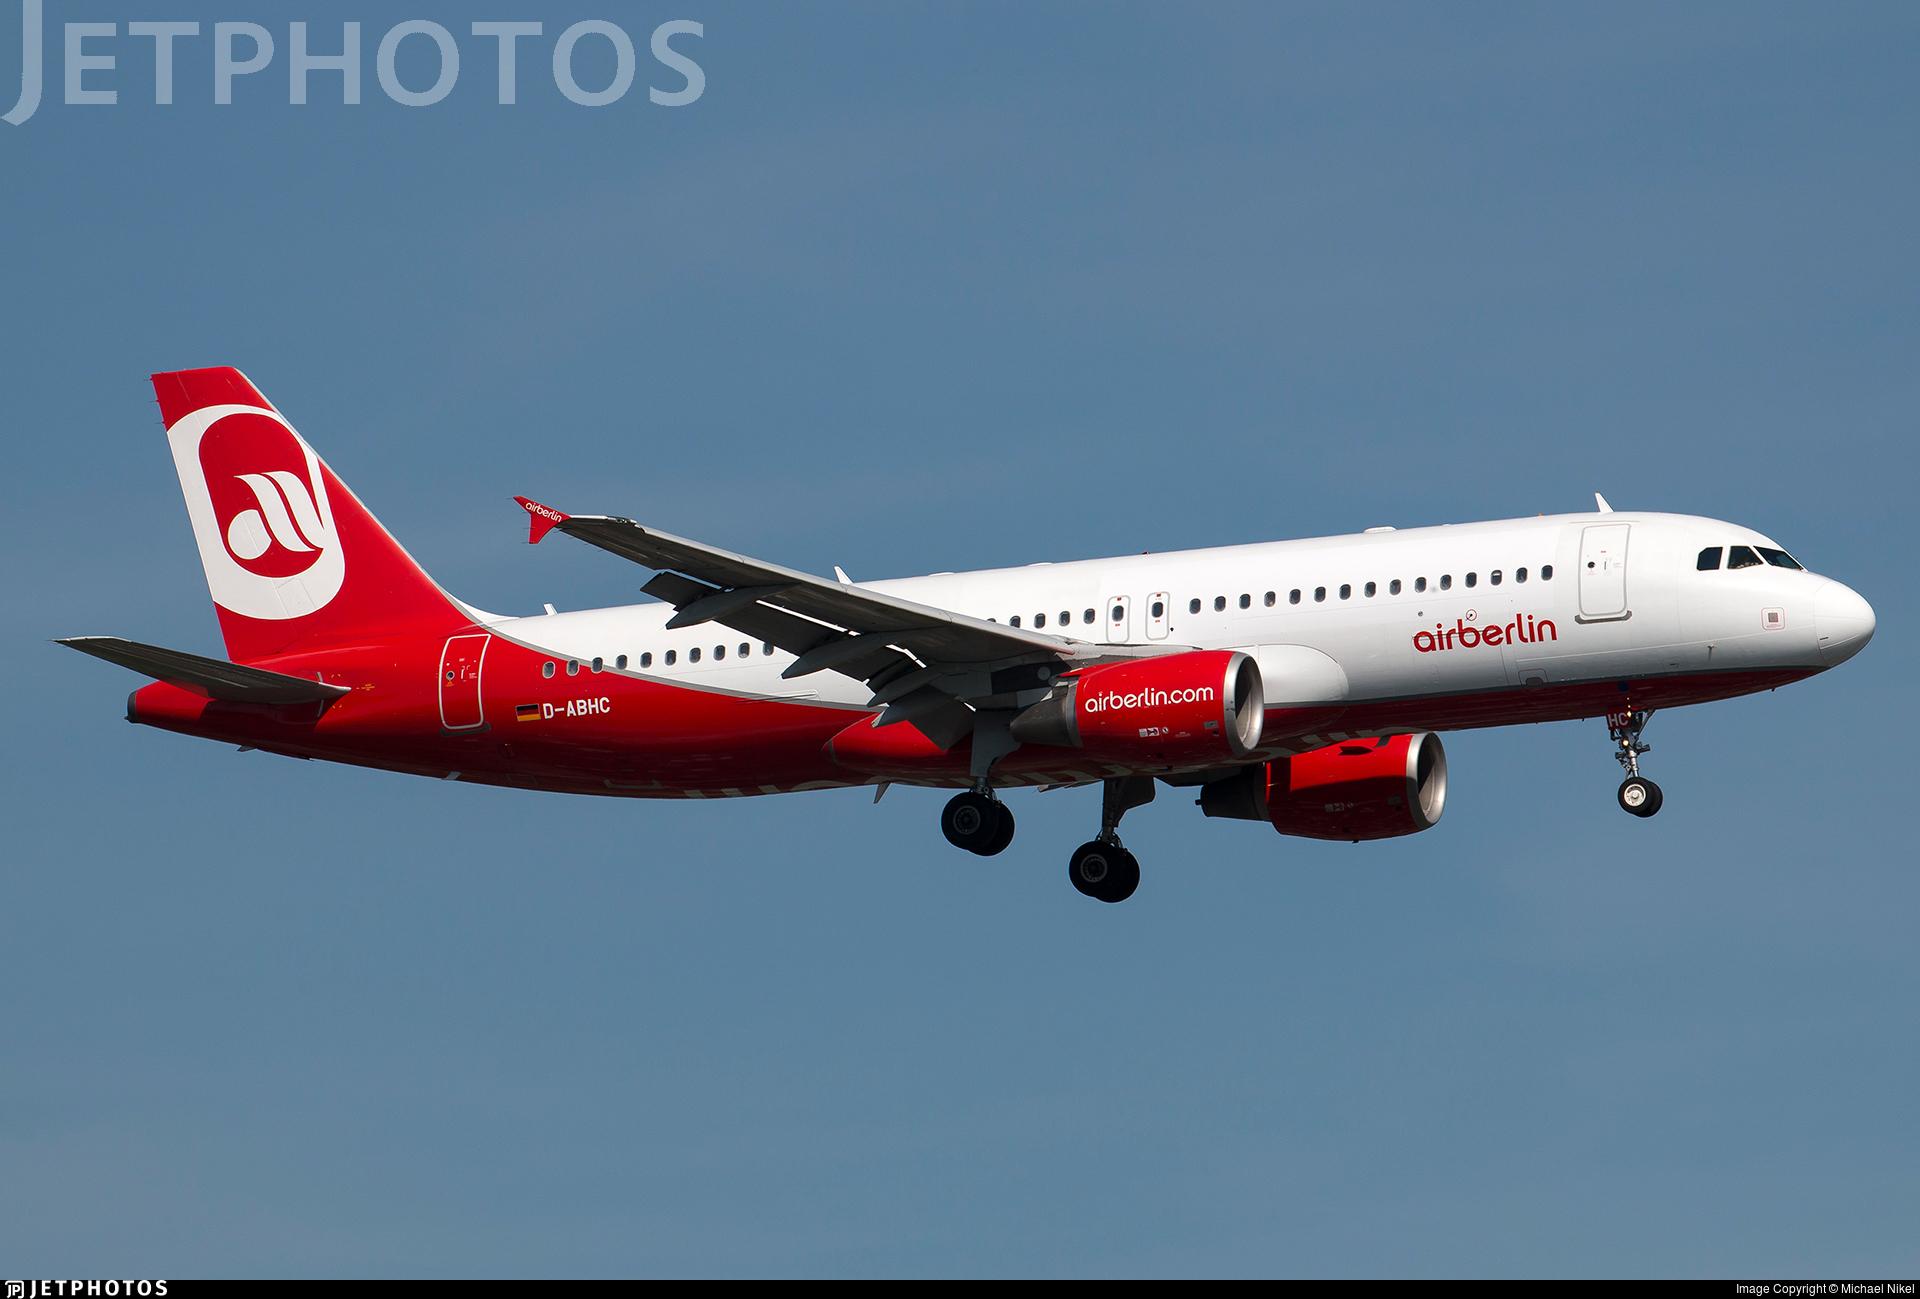 D-ABHC - Airbus A320-214 - Eurowings (LGW Luftfahrtgesellschaft Walter)